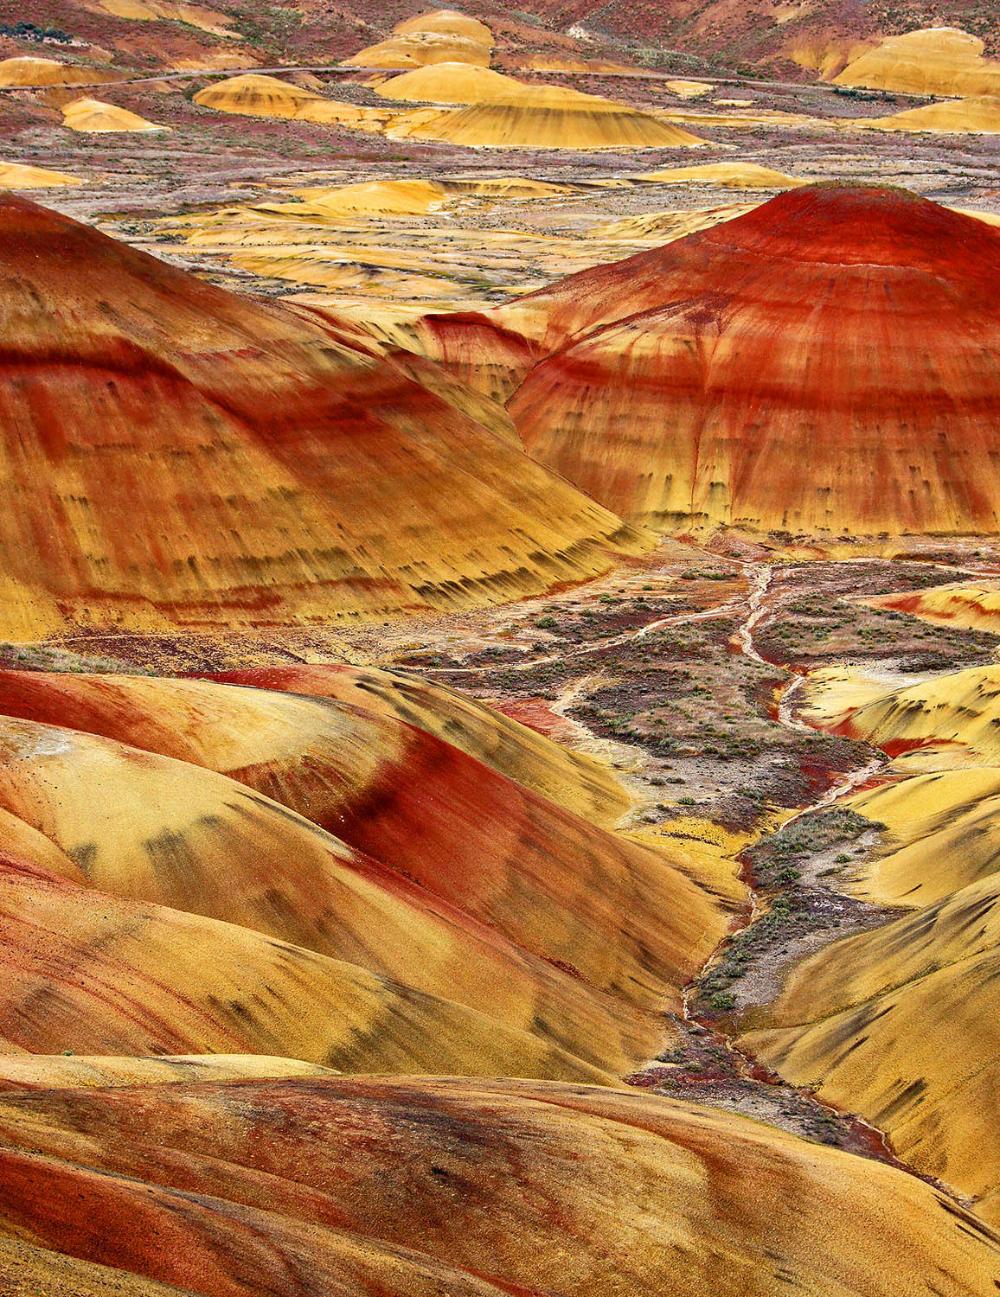 John Day Fossil Beds National Monument Oregon en 2020